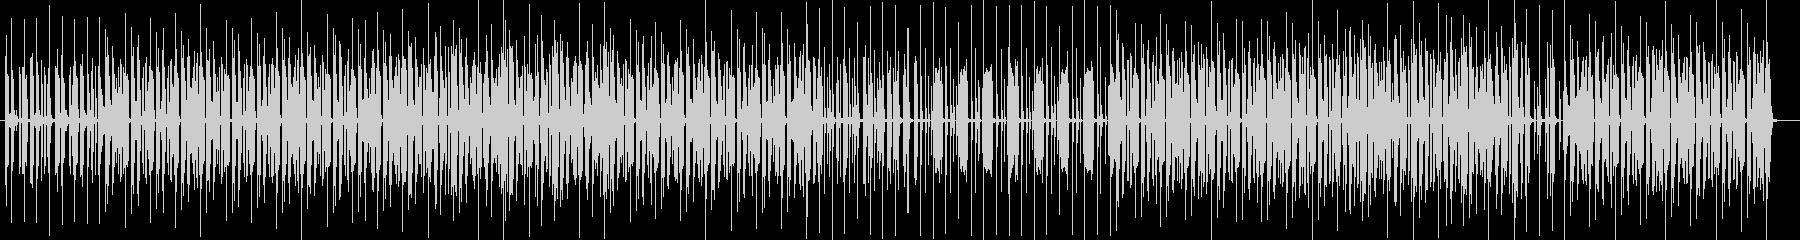 ボイパ風のリズムが不思議な気分のテクノの未再生の波形